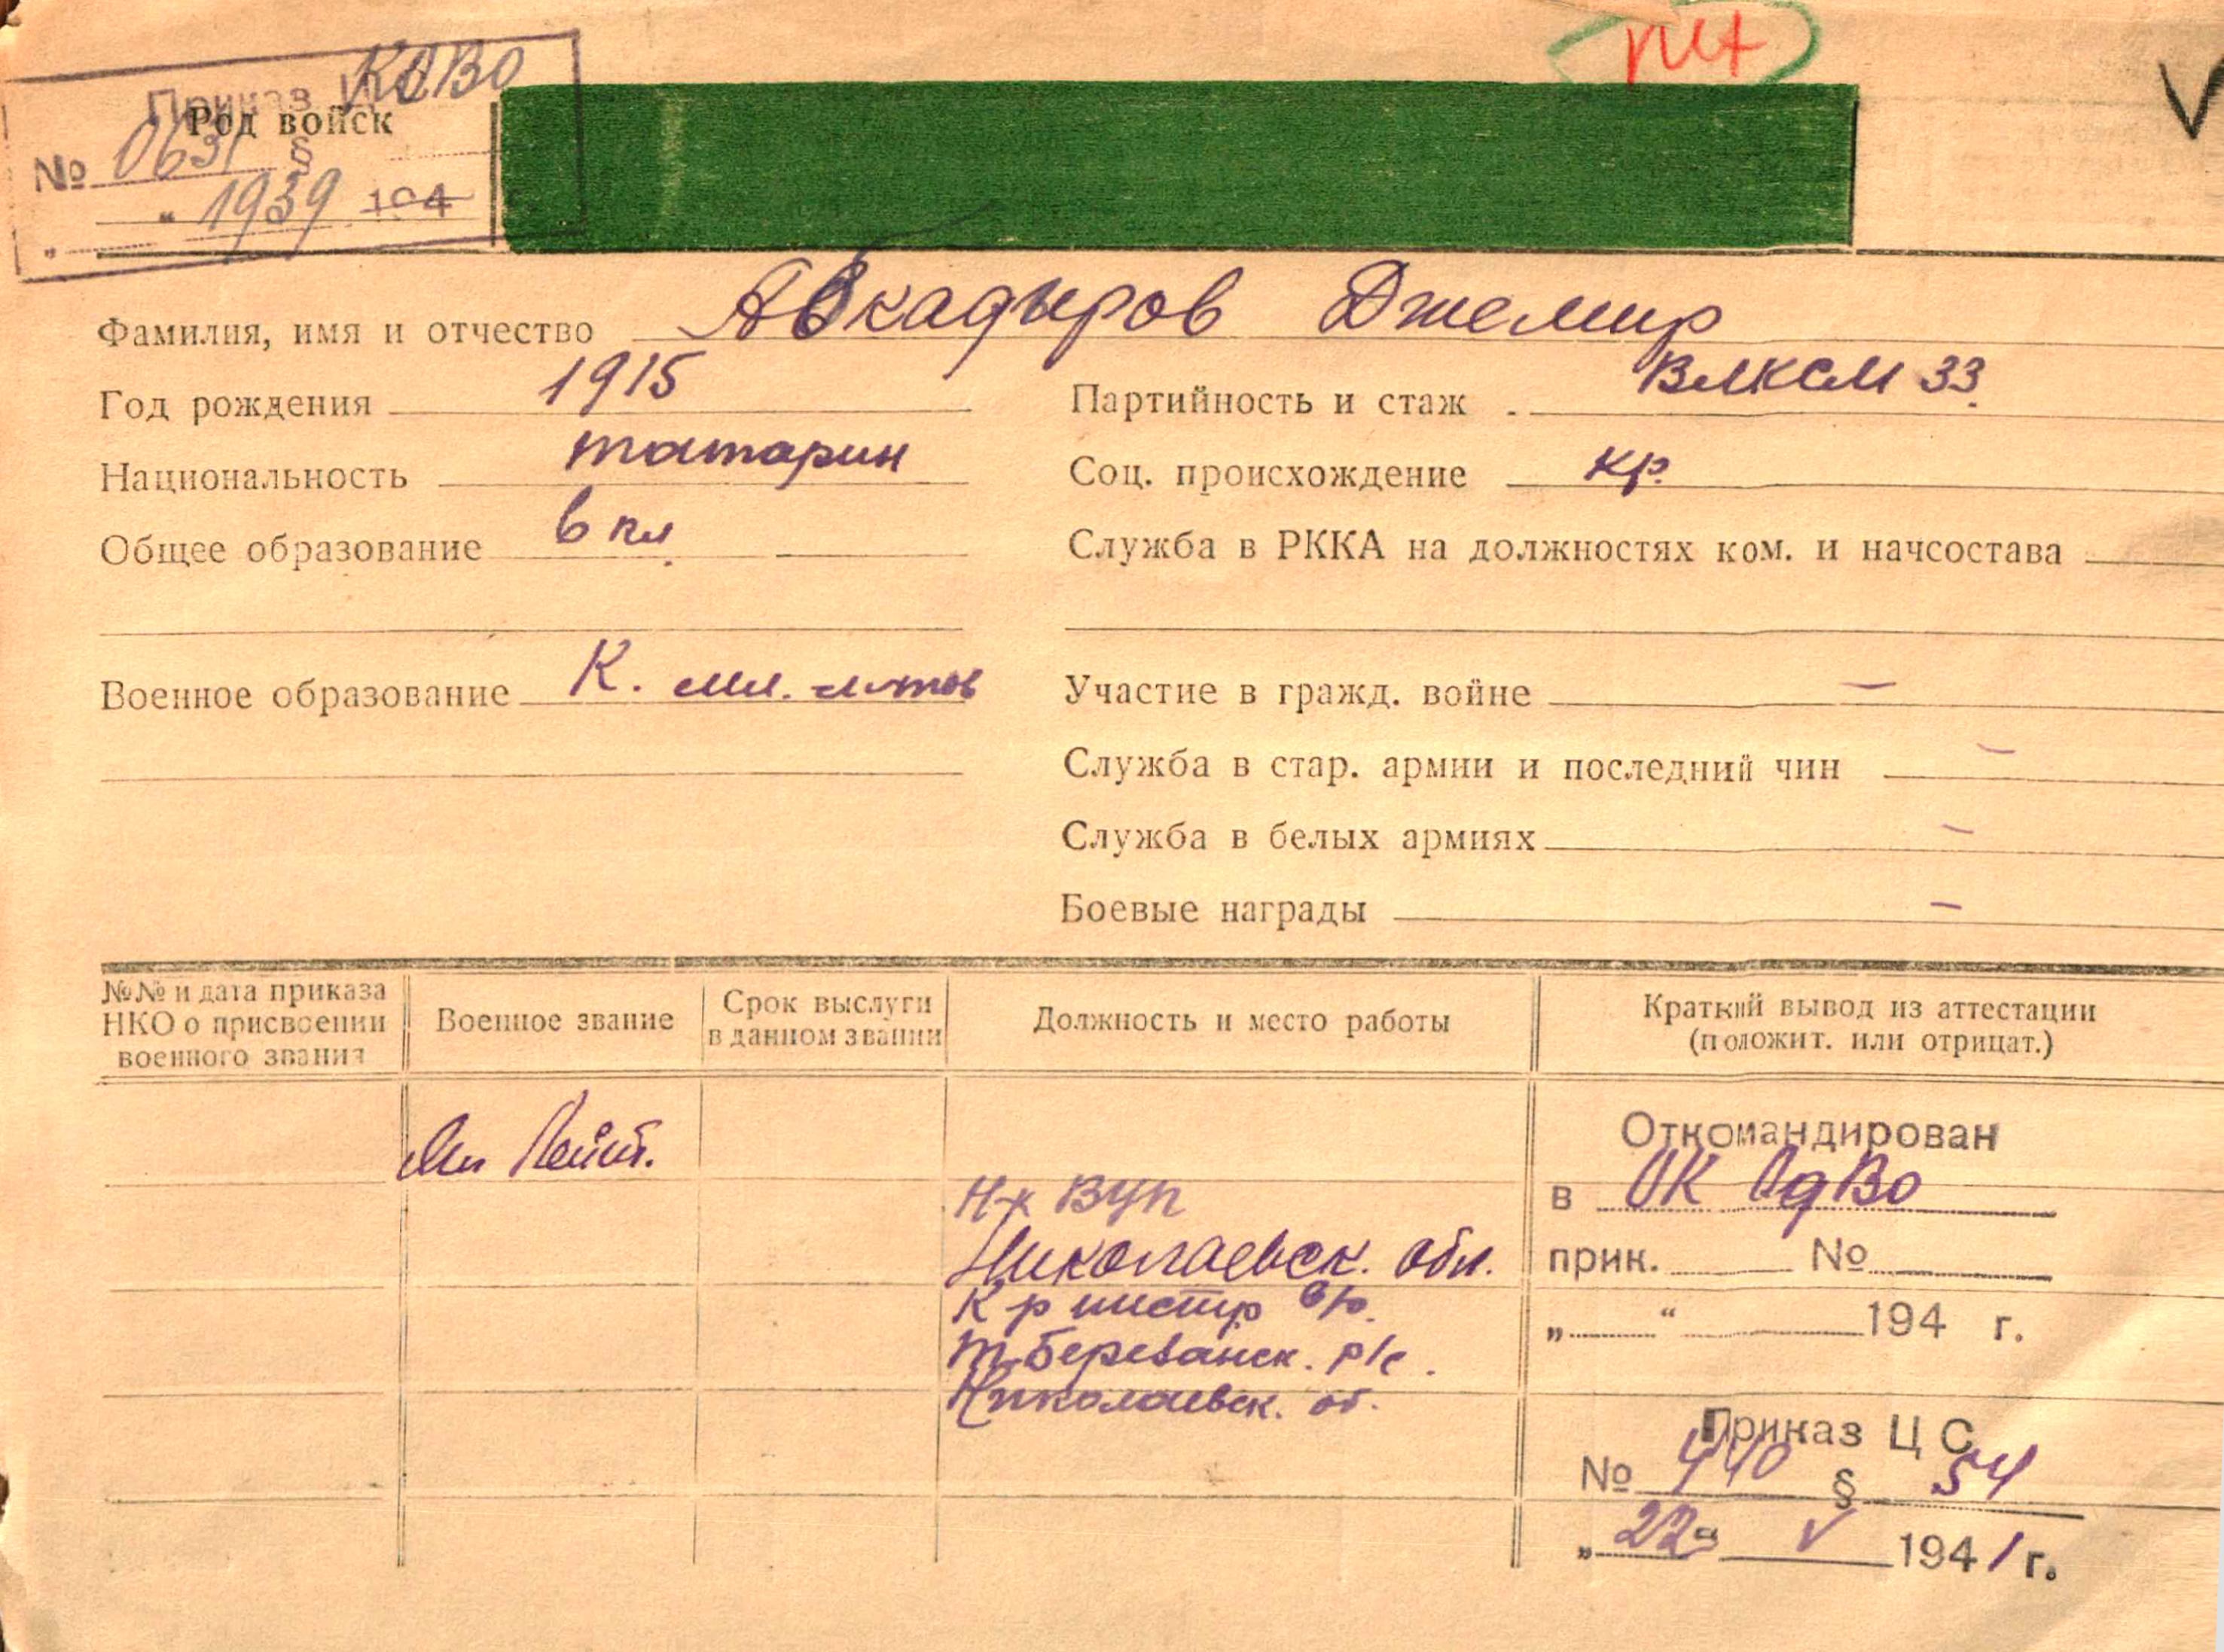 Трудовые книжки со стажем Павлоградская 3-я улица купить трудовой договор Рокотова улица